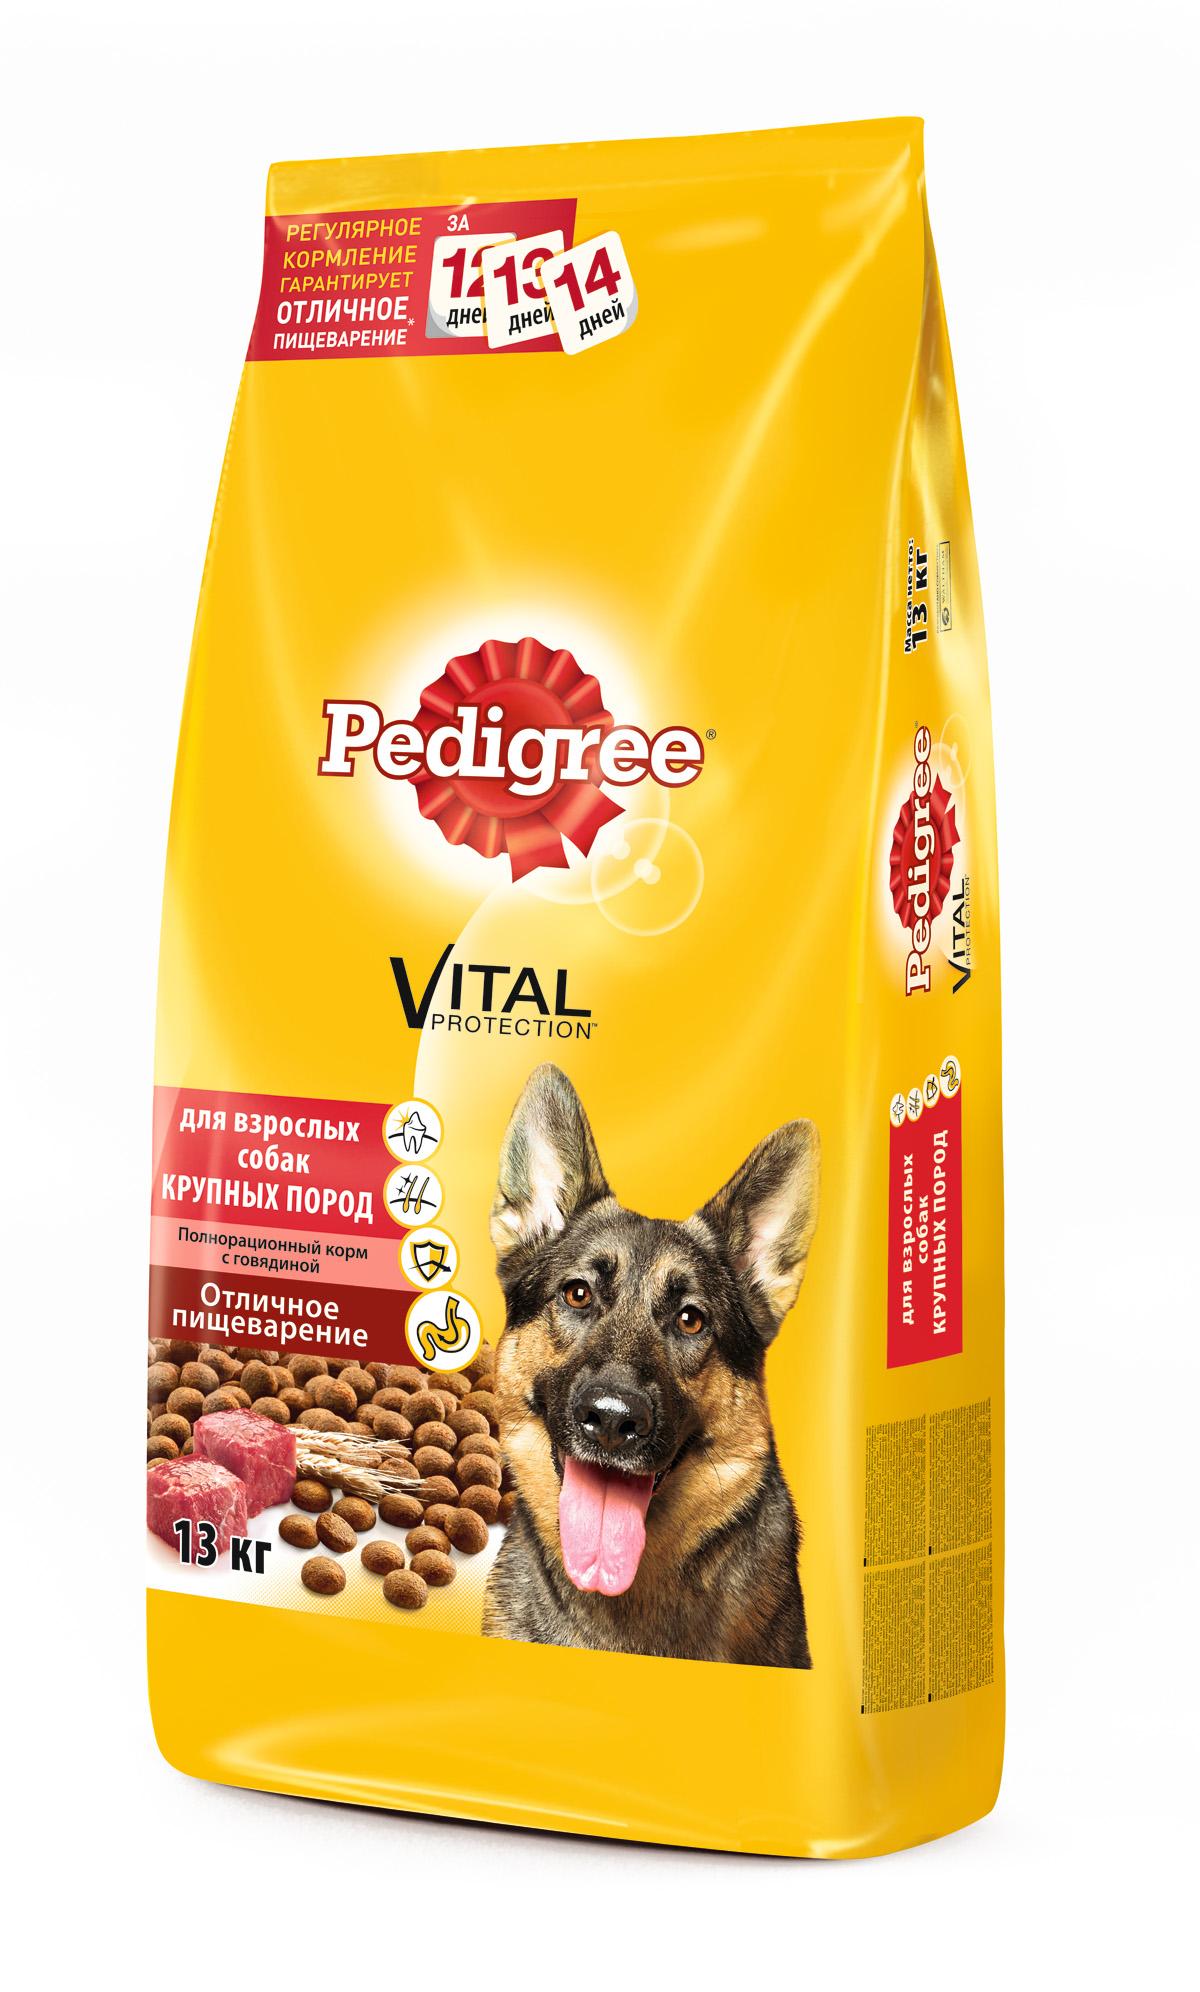 Корм сухой Pedigree для взрослых собак крупных пород, с говядиной, 13 кг37972Сухой корм для собак Pedigree - полнорационный сухой корм для взрослых собак крупных пород больше 25 кг. Содержит все необходимые вещества для поддержания хорошей физической формы собак и естественного здоровья их суставов.Особенности: Крепкие зубы. Оптимальный уровень кальция для укрепления зубов. Здоровье кожи и шерсти. Линолевая кислота, цинк и витамины В необходимы для здоровья кожи и шерсти. Отличное пищеварение. Высокоусвояемые ингредиенты и клетчатка для оптимального пищеварения. Поддержка иммунной системы. Витамин Е и цинк поддерживают иммунную систему. Для поддержания естественного здоровья суставов собак продукт содержит комплекс полинасыщенных жирных кислот Омега-3, Омега-6 и глюкозамин.Состав: куриная мука, пшеница, рис, свекольный жом, кукуруза, мясная мука (в том числе говядина минимум 4%), подсолнечное масло, жир животный, пивные дрожжи, минералы, витамины, глюкозамин. Пищевая ценность (100 г): белки - 22 г; жиры - 12 г; зола - 7 г; влага - не более 10 г; клетчатка - 4 г; кальций - 1,3 г; фосфор - 0,8 г; натрий - 0,3 г; калий - 0,58 г; магний - 0,1 г; цинк - 20 мг; медь - 1,5 мг; витамин А - 1500 МЕ; витамин D3 - 120 МЕ; а также витамины В1, В2, В4, В5, В12; ниацин; омега-6, омега-3 полинасыщенные жирные кислоты; глюкозамин. Энергетическая ценность (100 г): 360 ккал/1507 кДж. Вес: 13 кг.Товар сертифицирован.